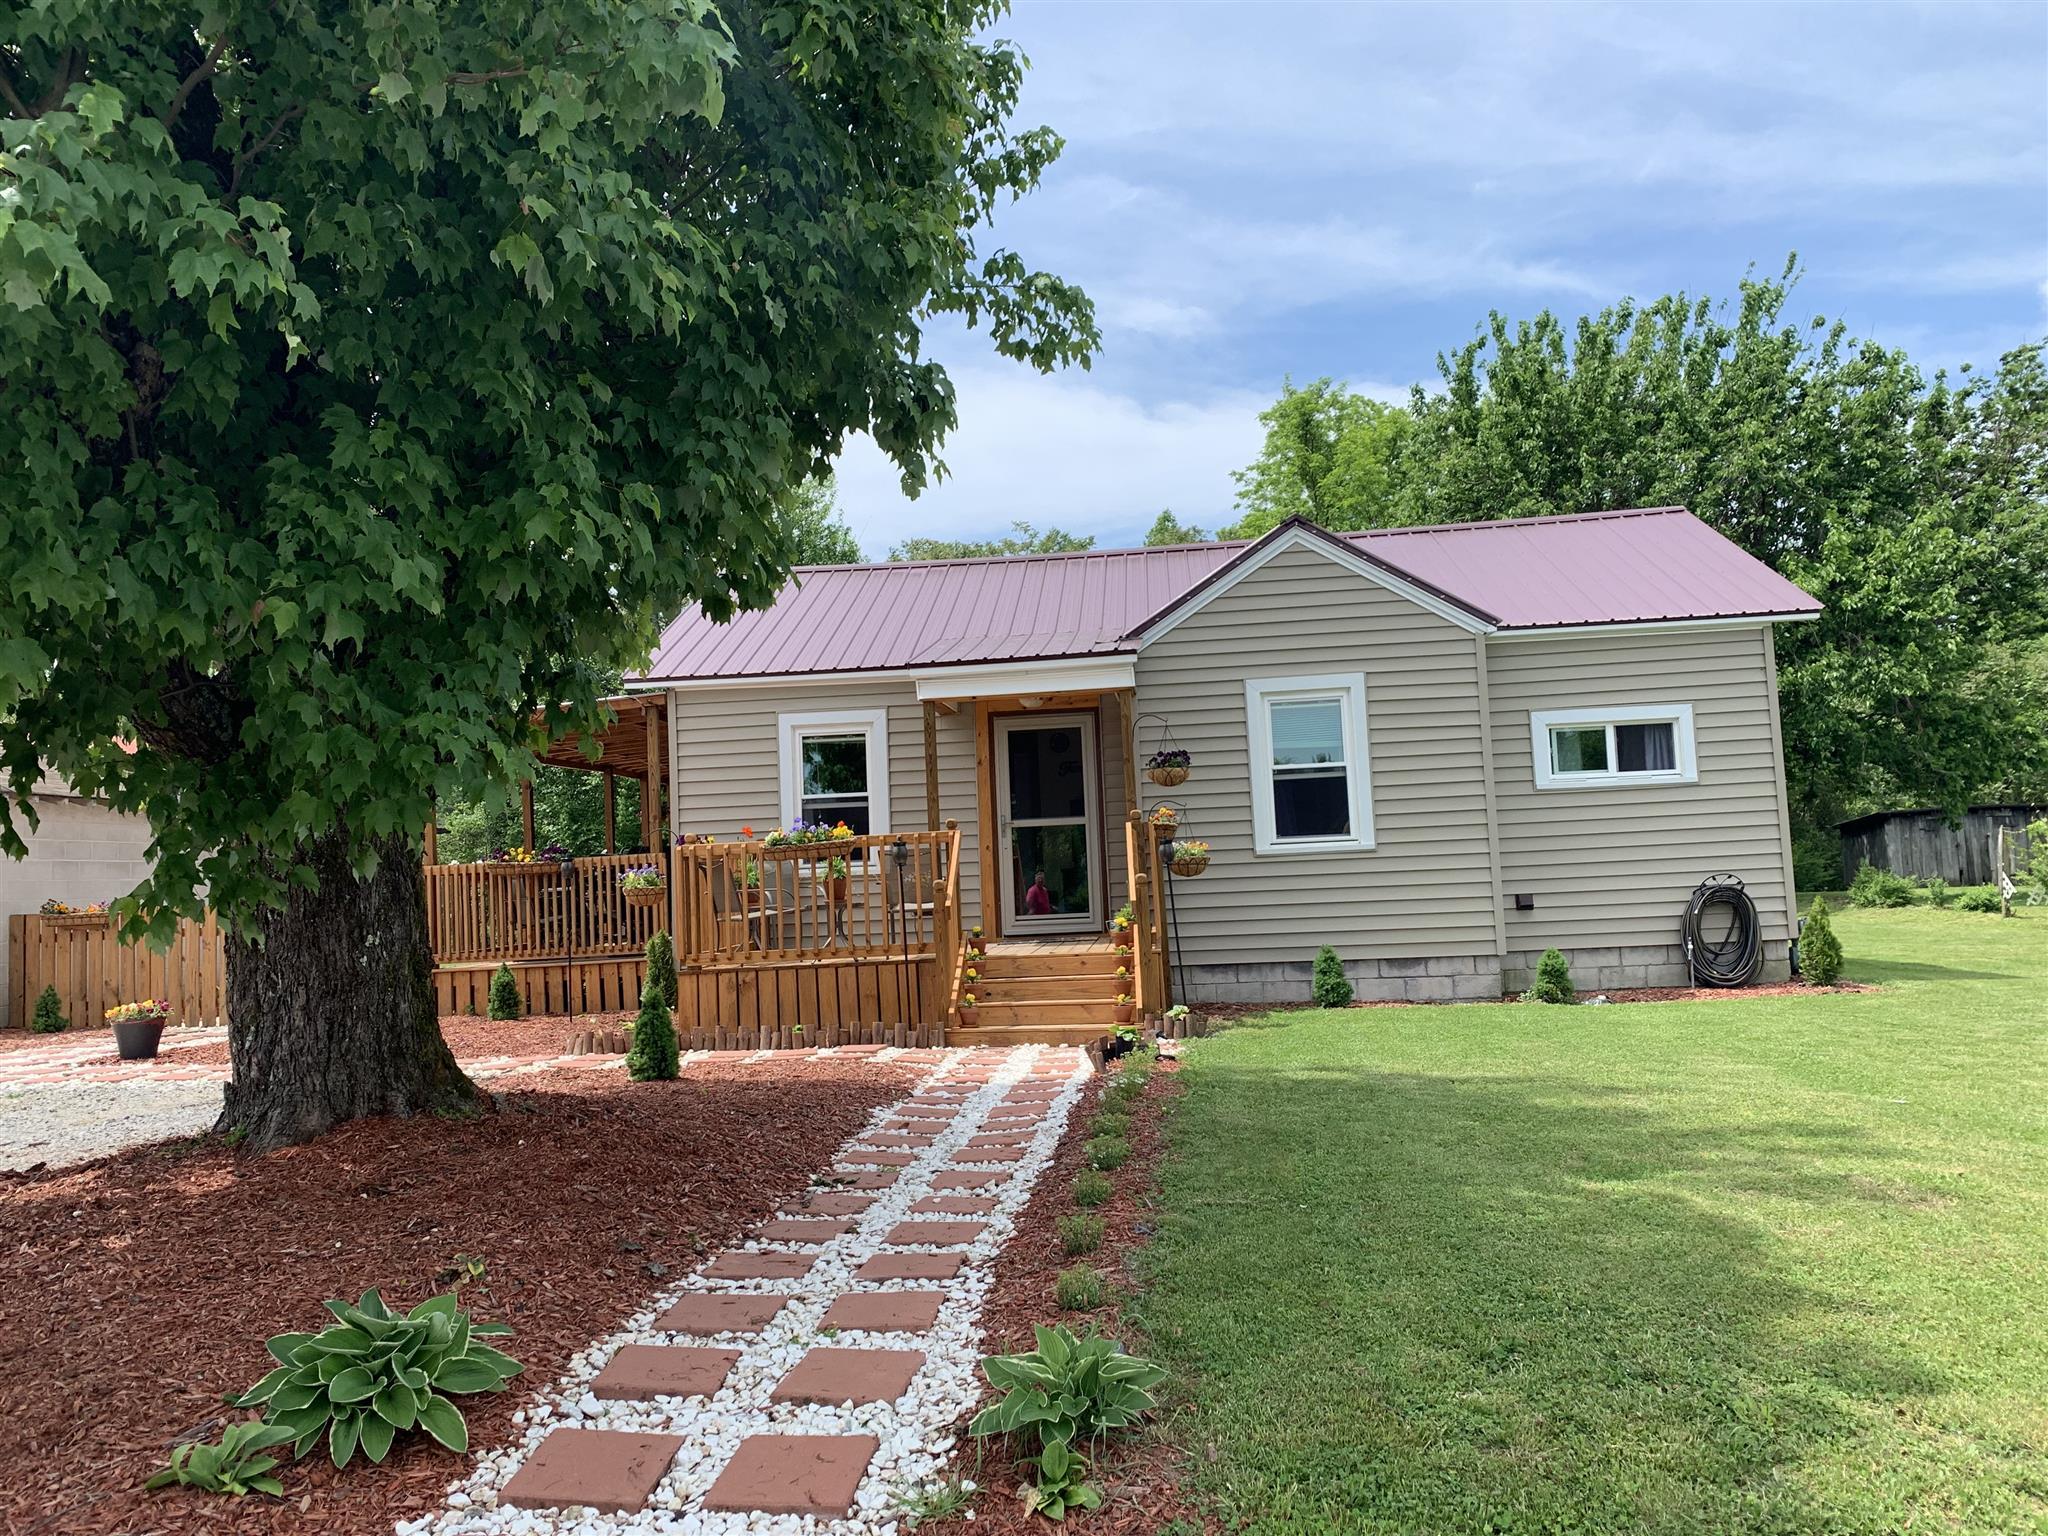 303 W Stewart Ave, Monterey, TN 38574 - Monterey, TN real estate listing